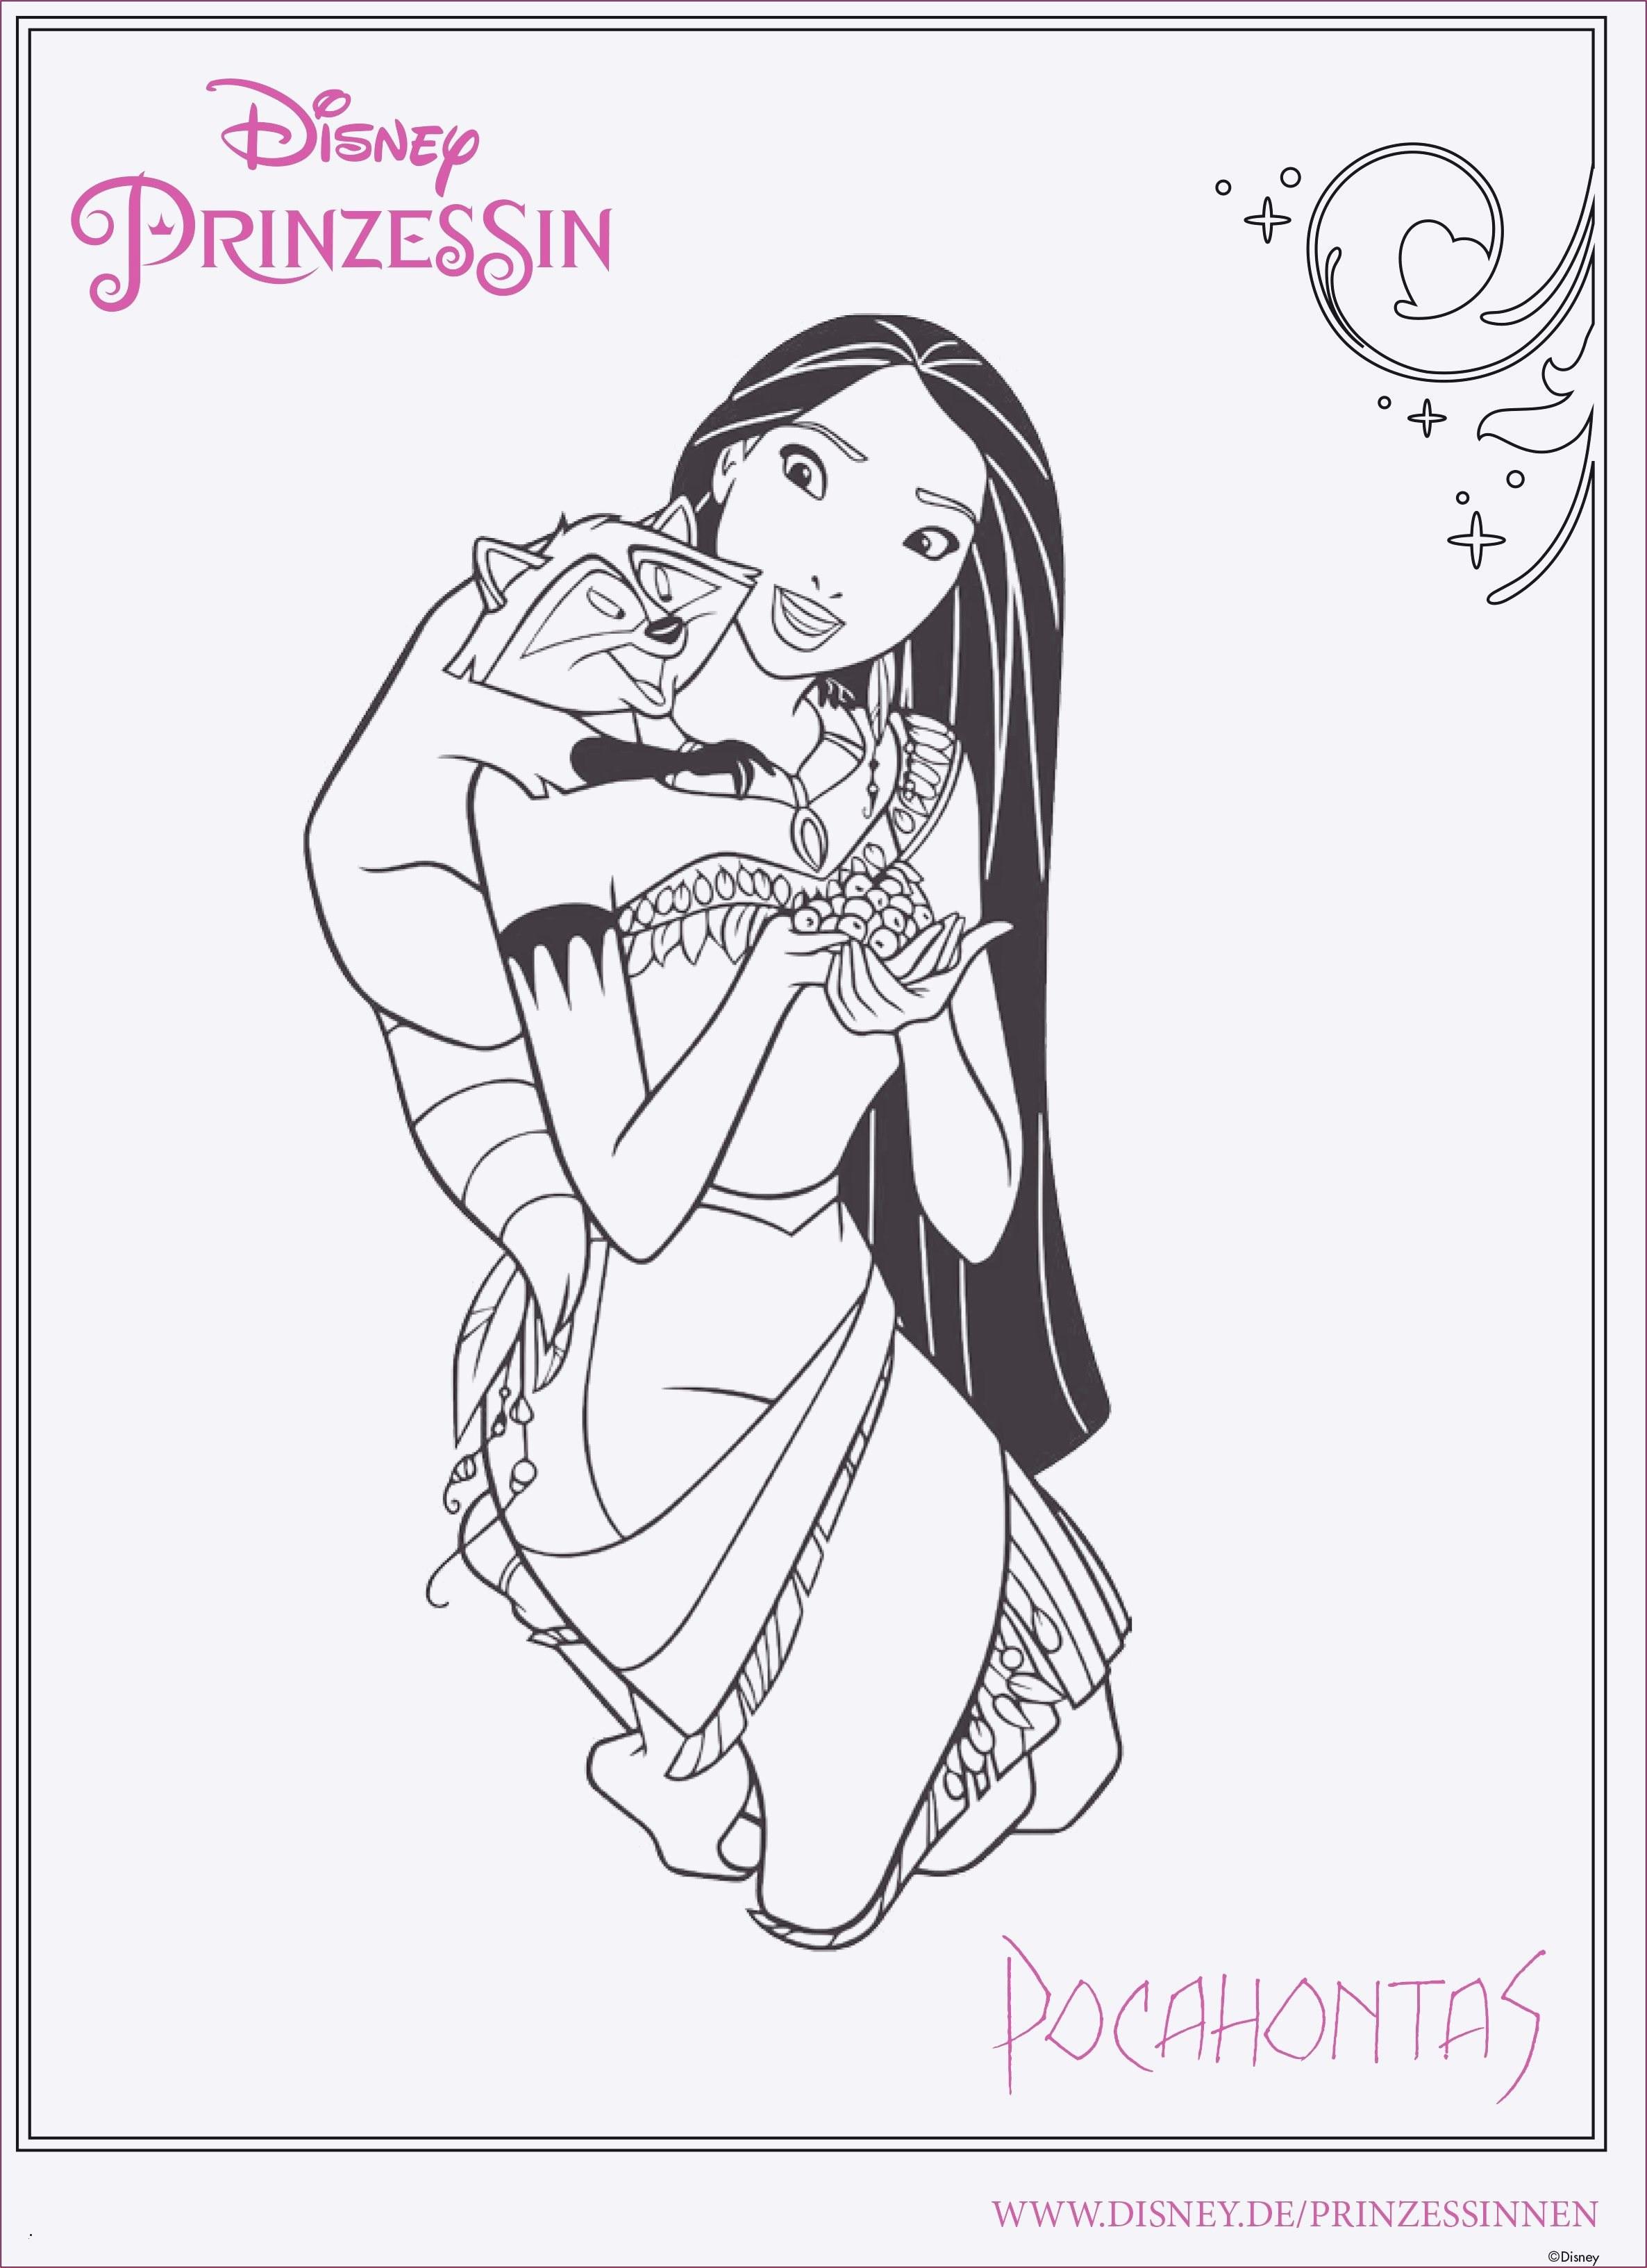 Disney Prinzessin Ausmalbild Einzigartig 40 Das Konzept Von Disney Princess Ausmalbilder Treehouse Nyc Bild